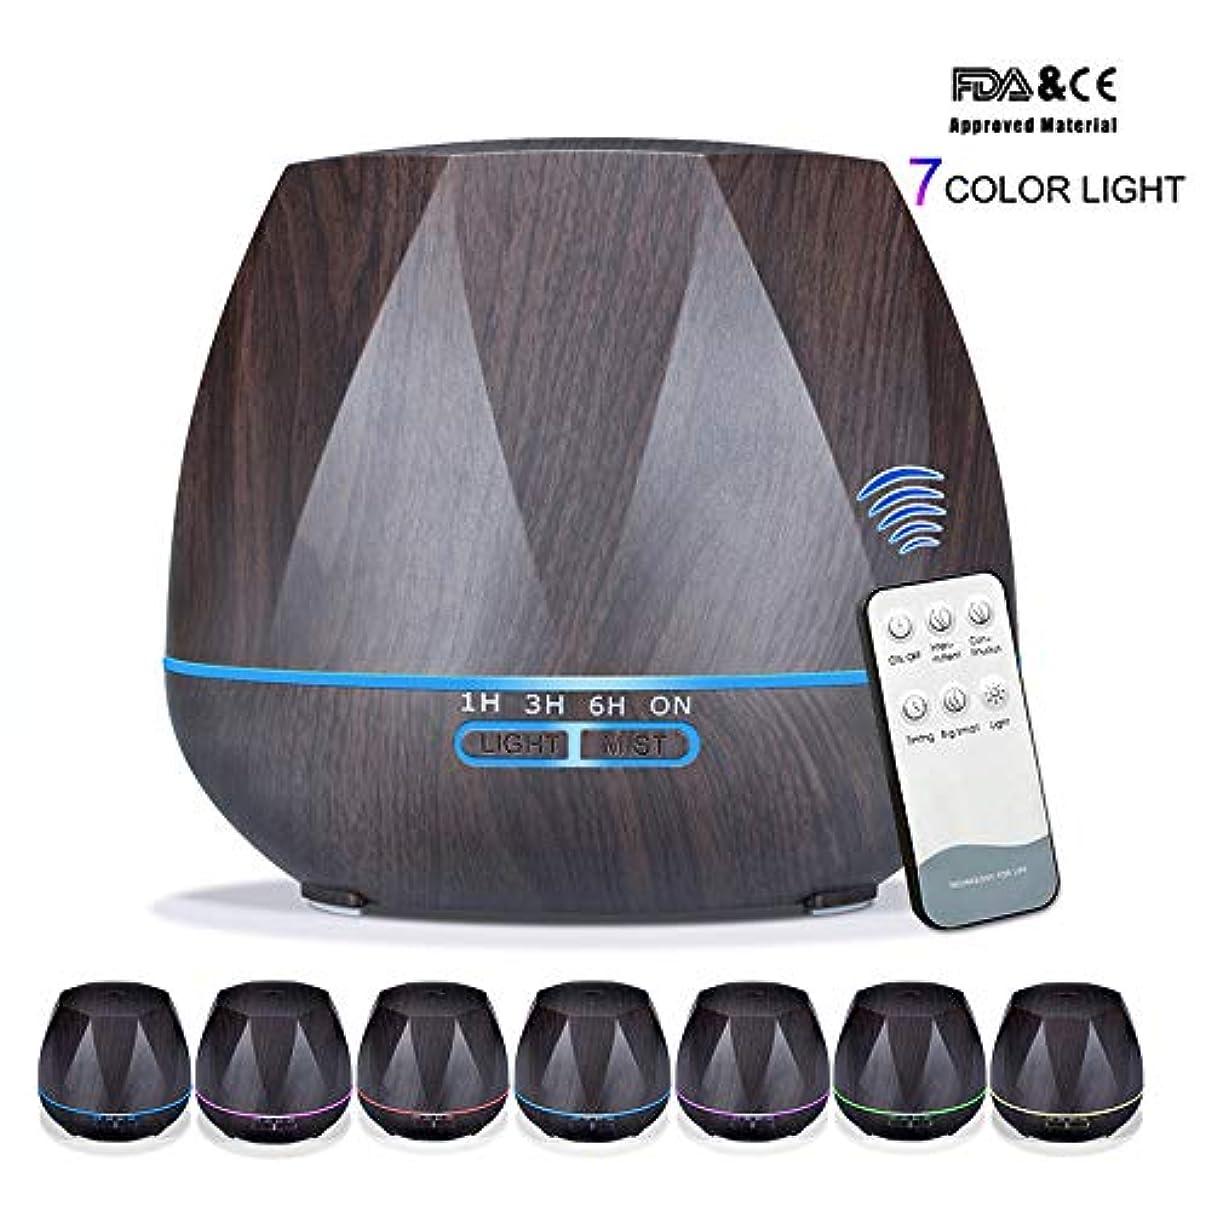 悲惨な型公平アロマセラピーエッセンシャルオイルアロマディフューザーリモートコントロール7色LEDライトホームエアアロマディフューザー加湿器550ML,Black,Remote